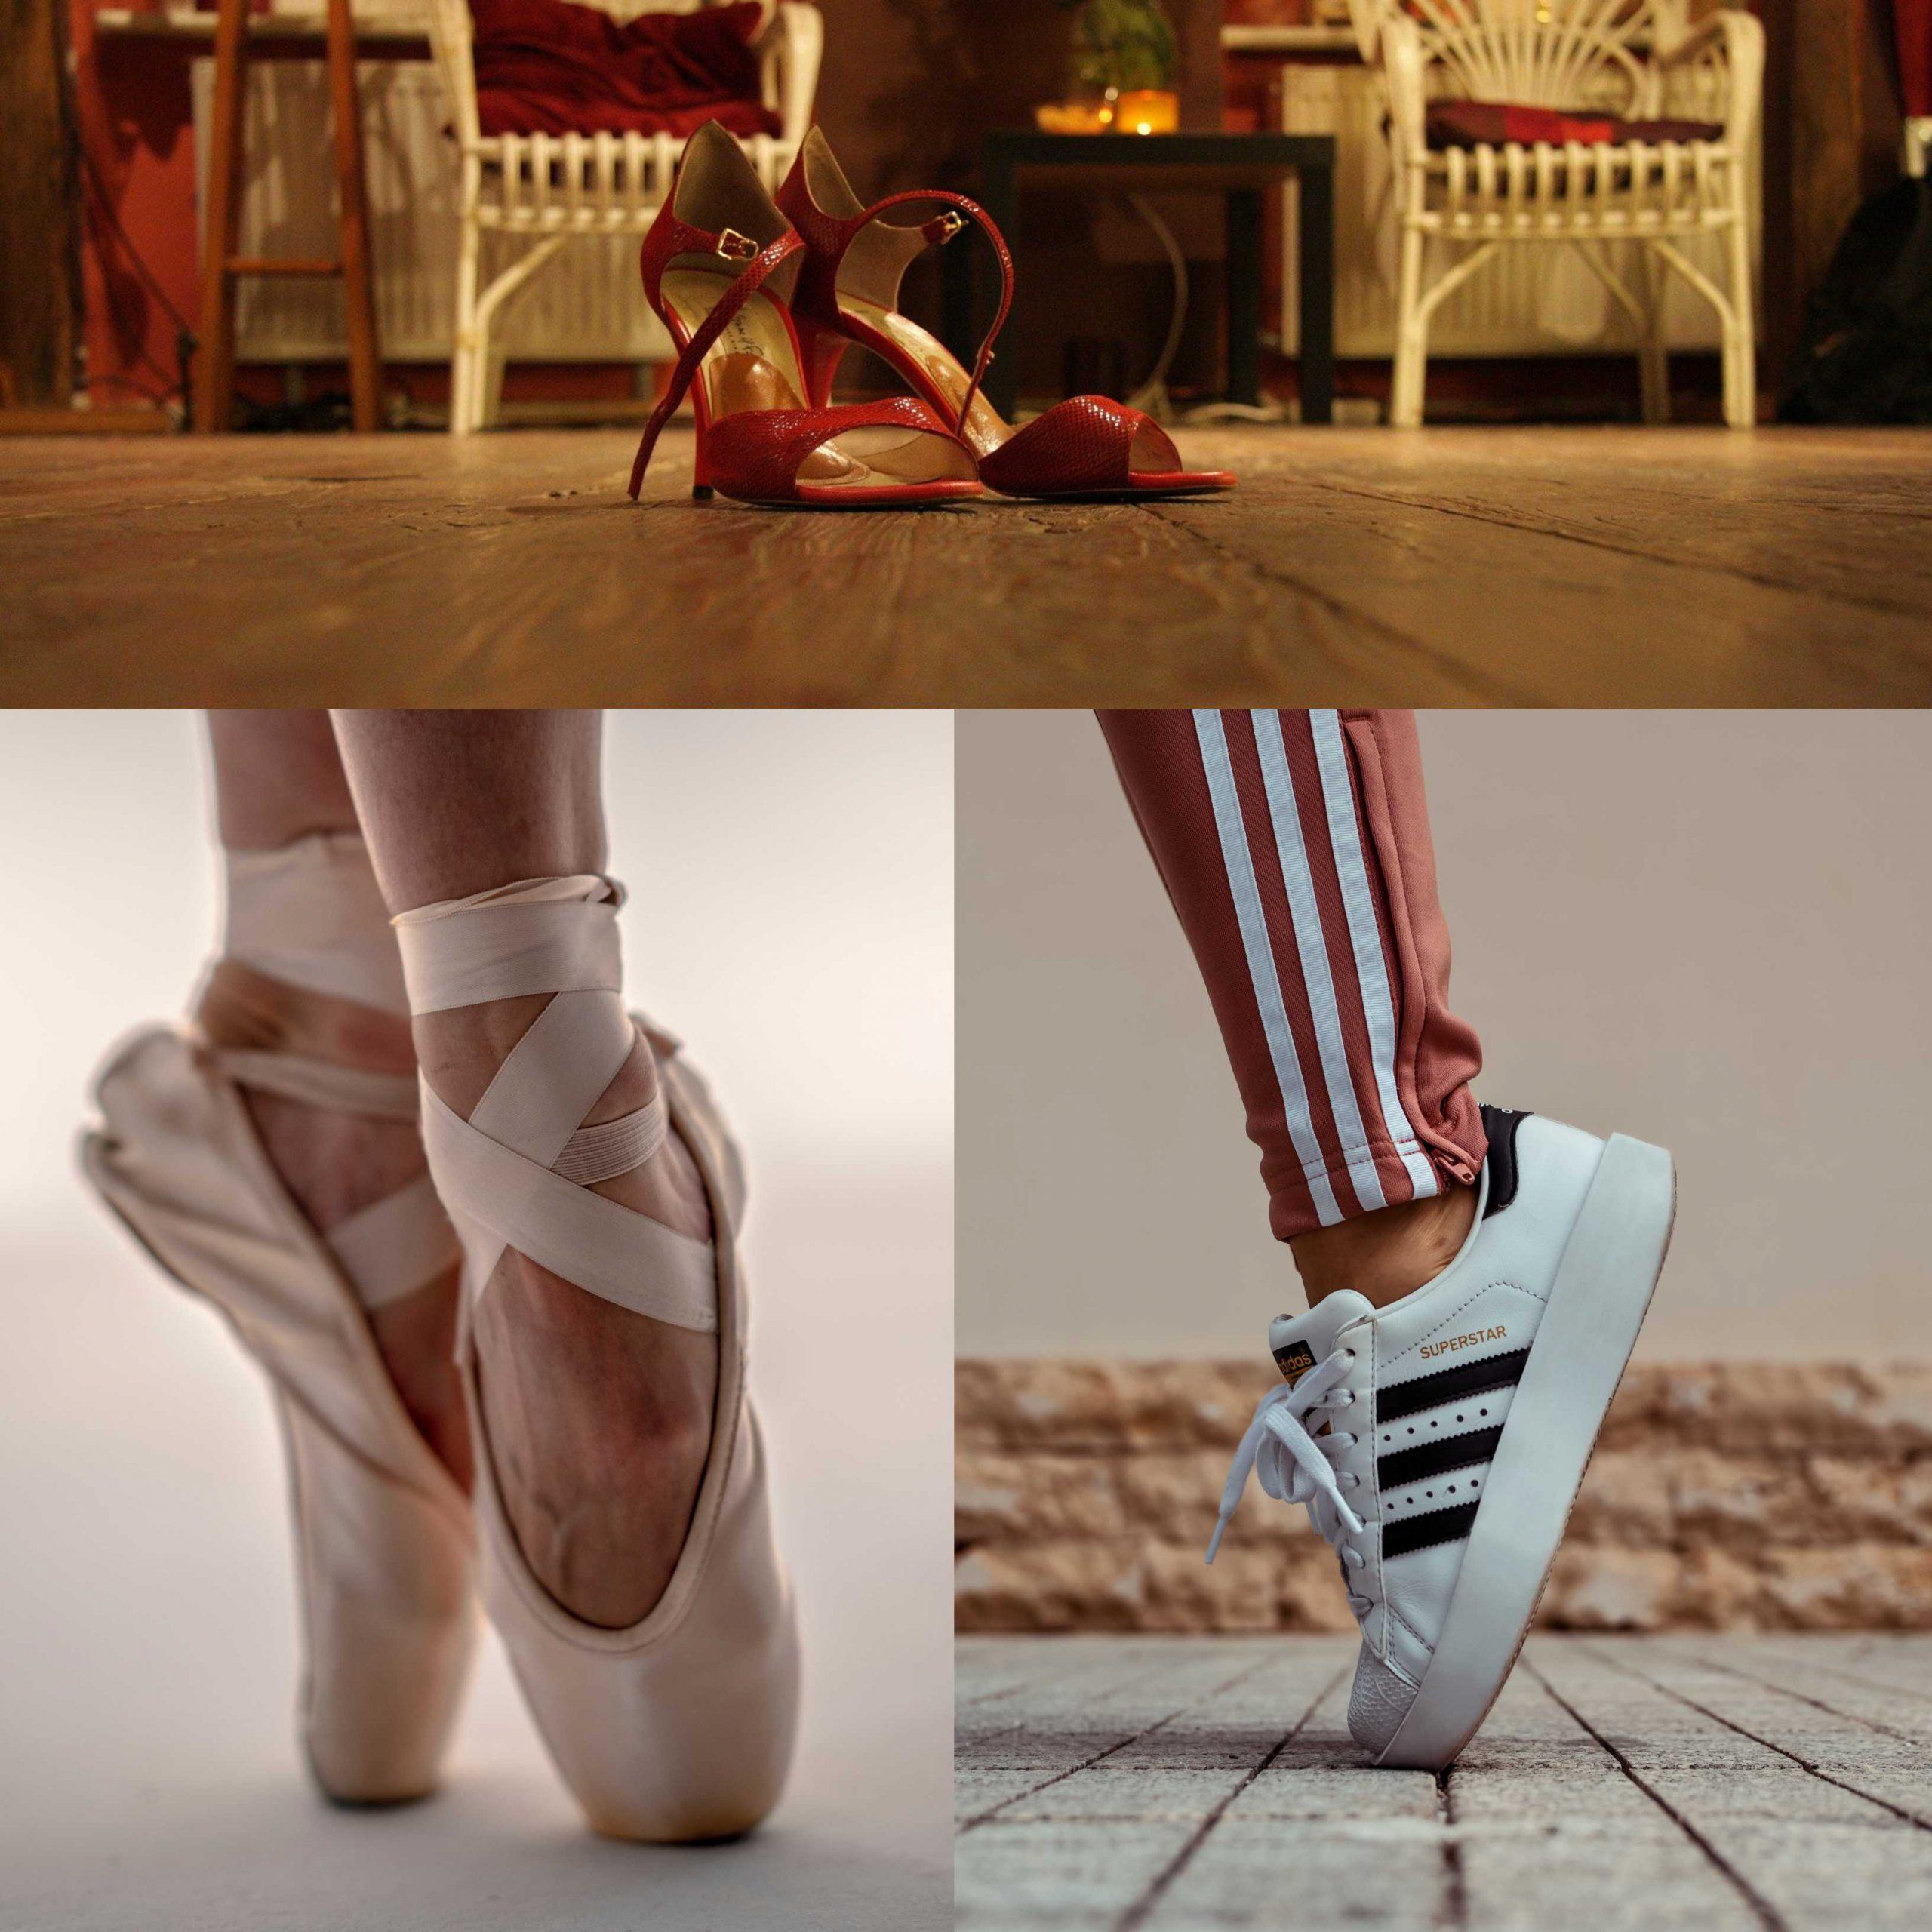 Come scegliete le migliori scarpe da ballo per voi?